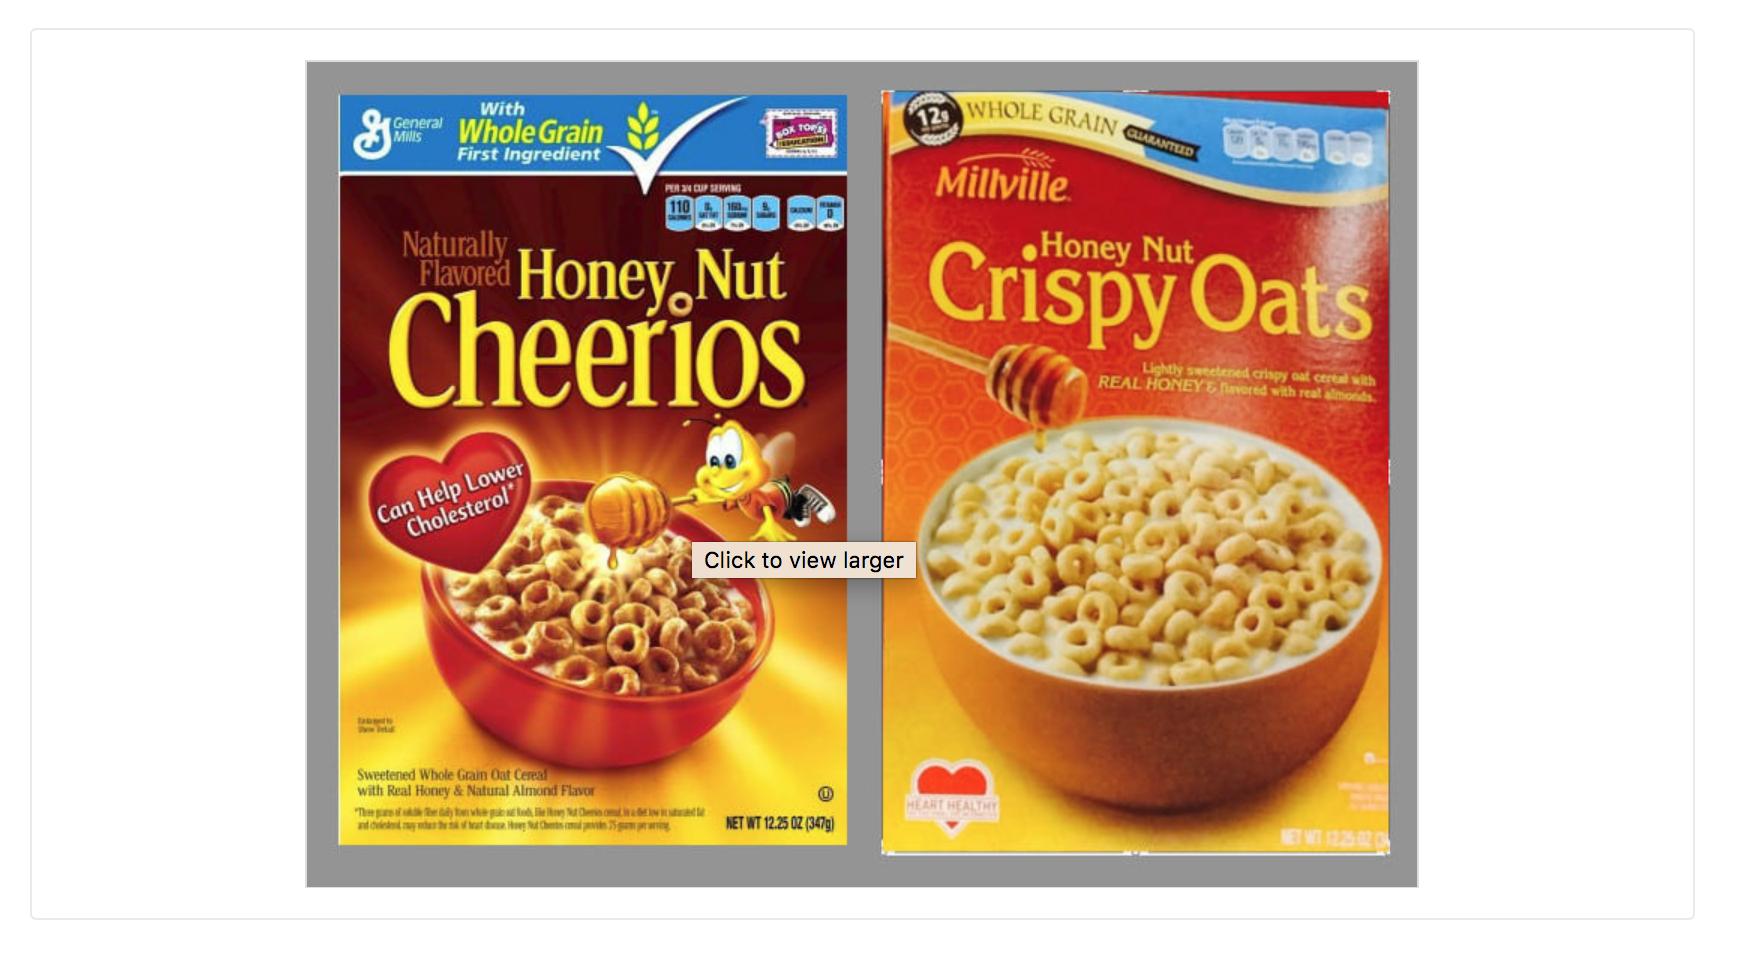 Screenshot comparing breakfast cereals